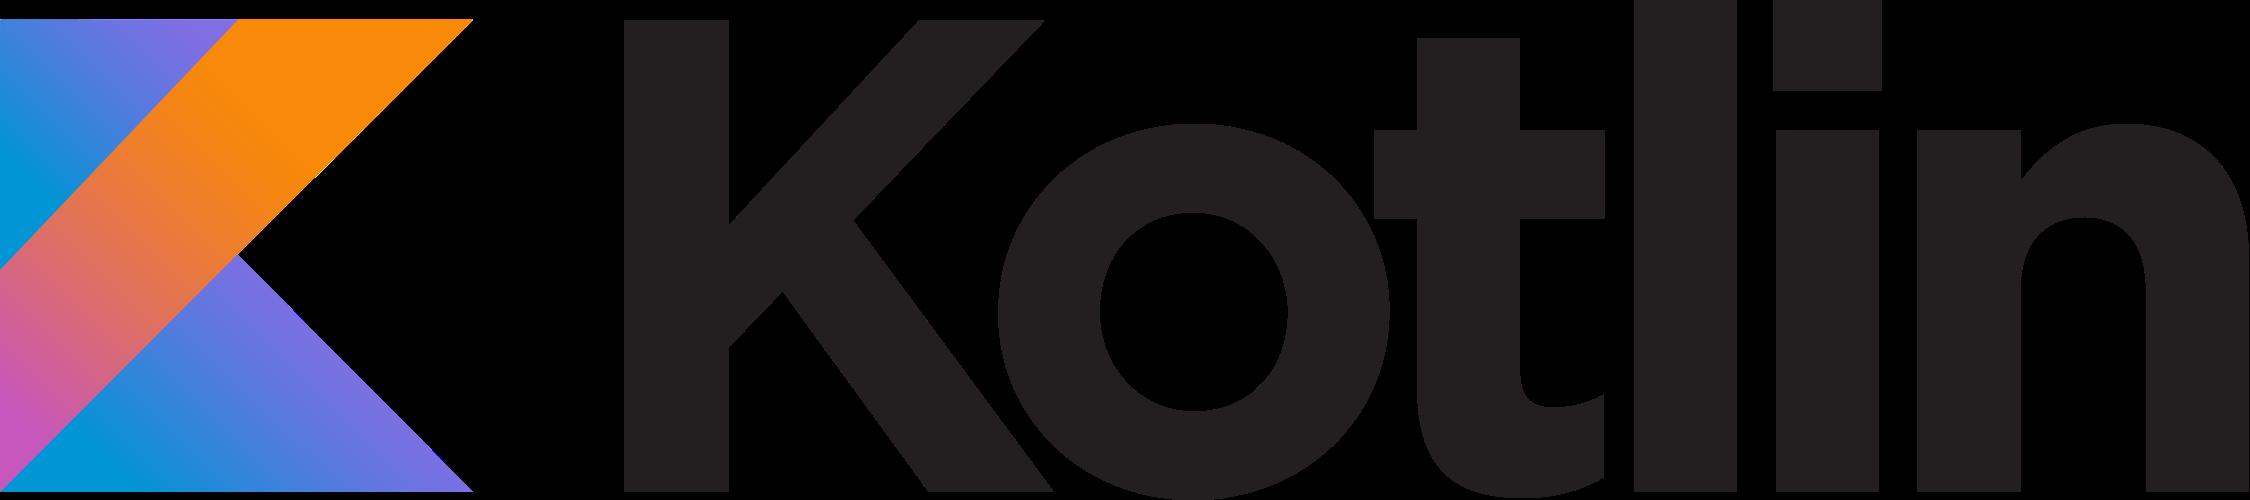 kotlin-logo-text.png